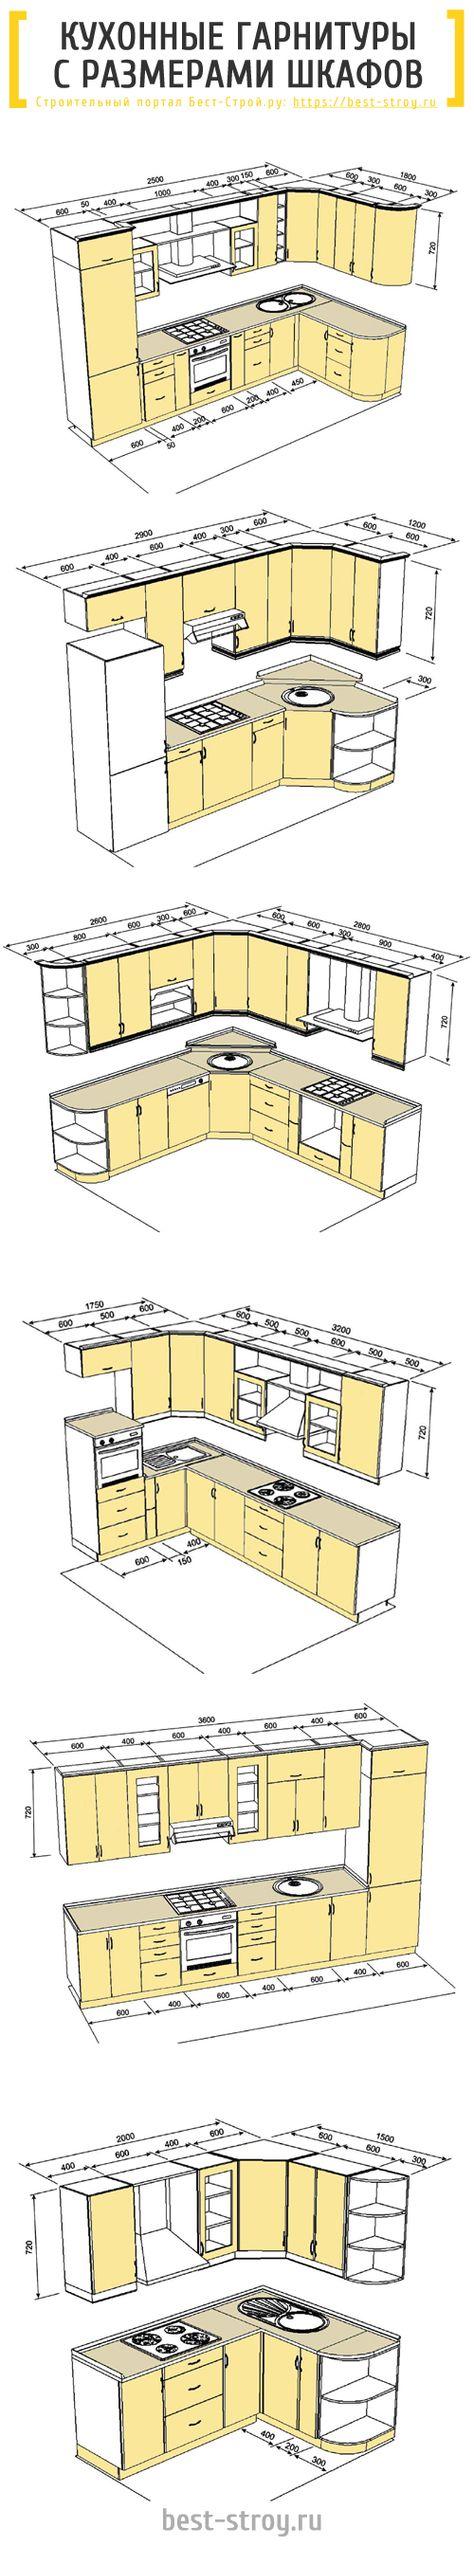 Как сделать угловую кухню своими руками: особенности рабочего процесса 26